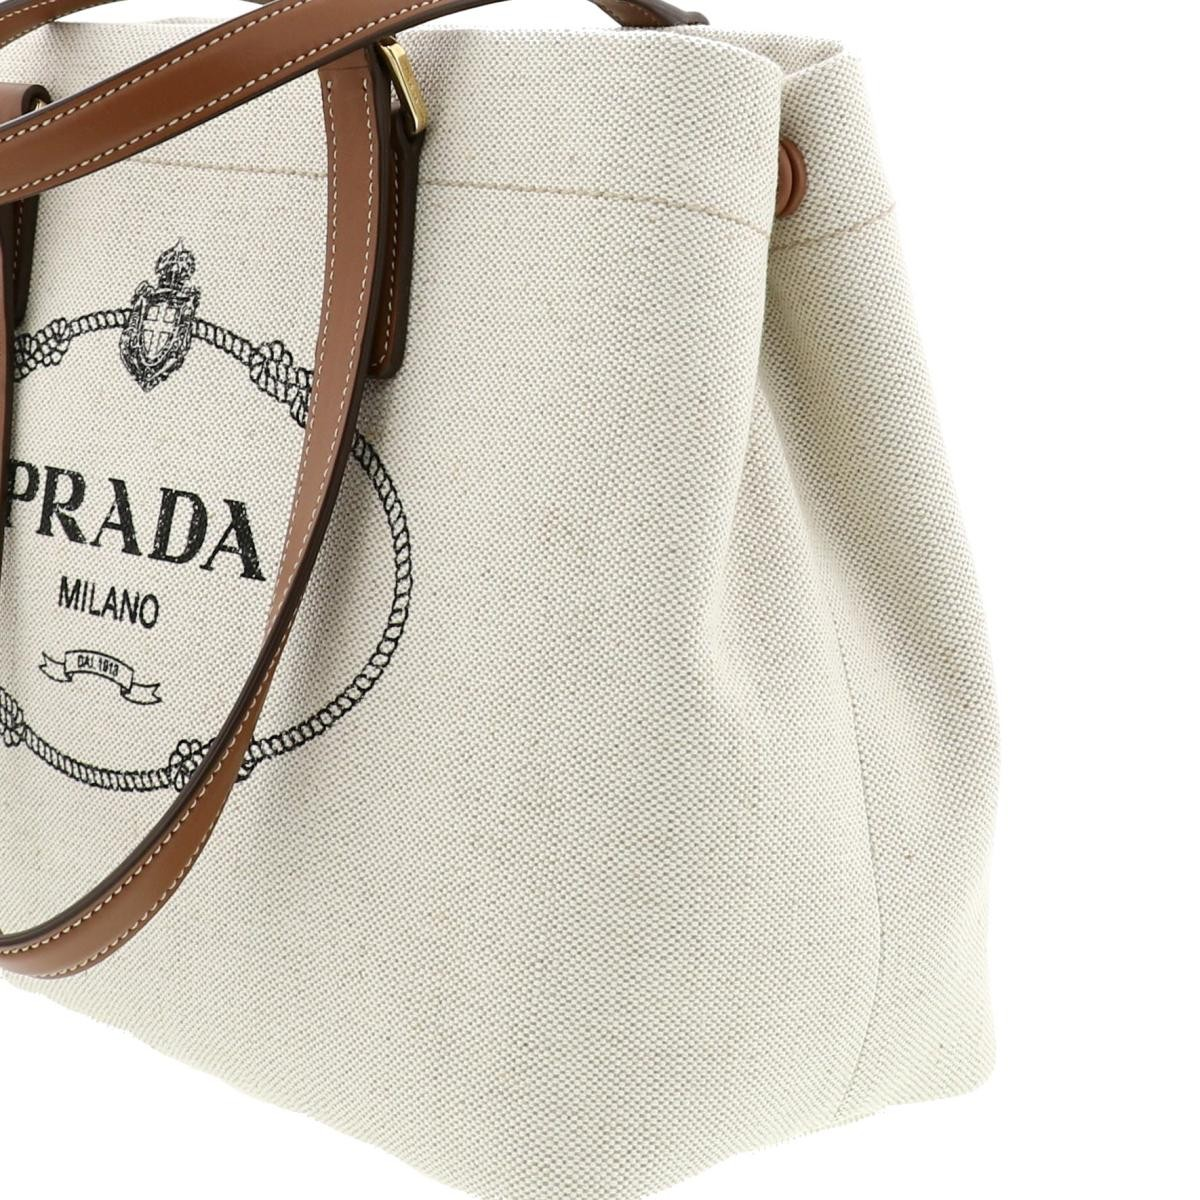 【中古】PRADA プラダ リネンブレンド トートバッグ バッグ ハンドバッグ  Ivory/アイボリー 1BG356 used:A